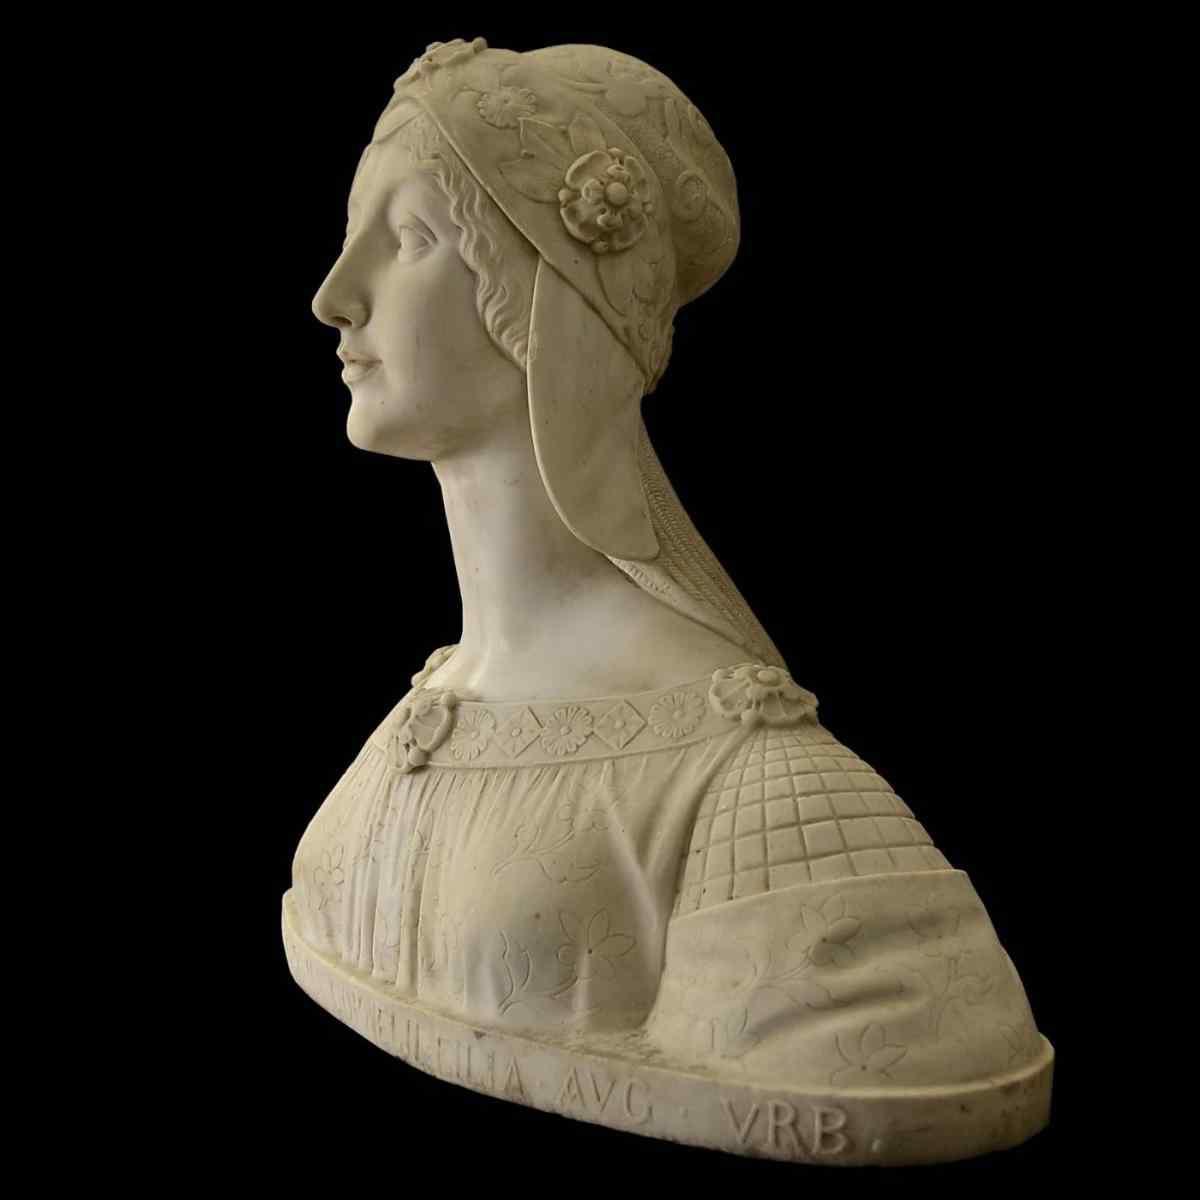 Buste d'une jeune fille en marbre blanc de Carrare du XIXe s